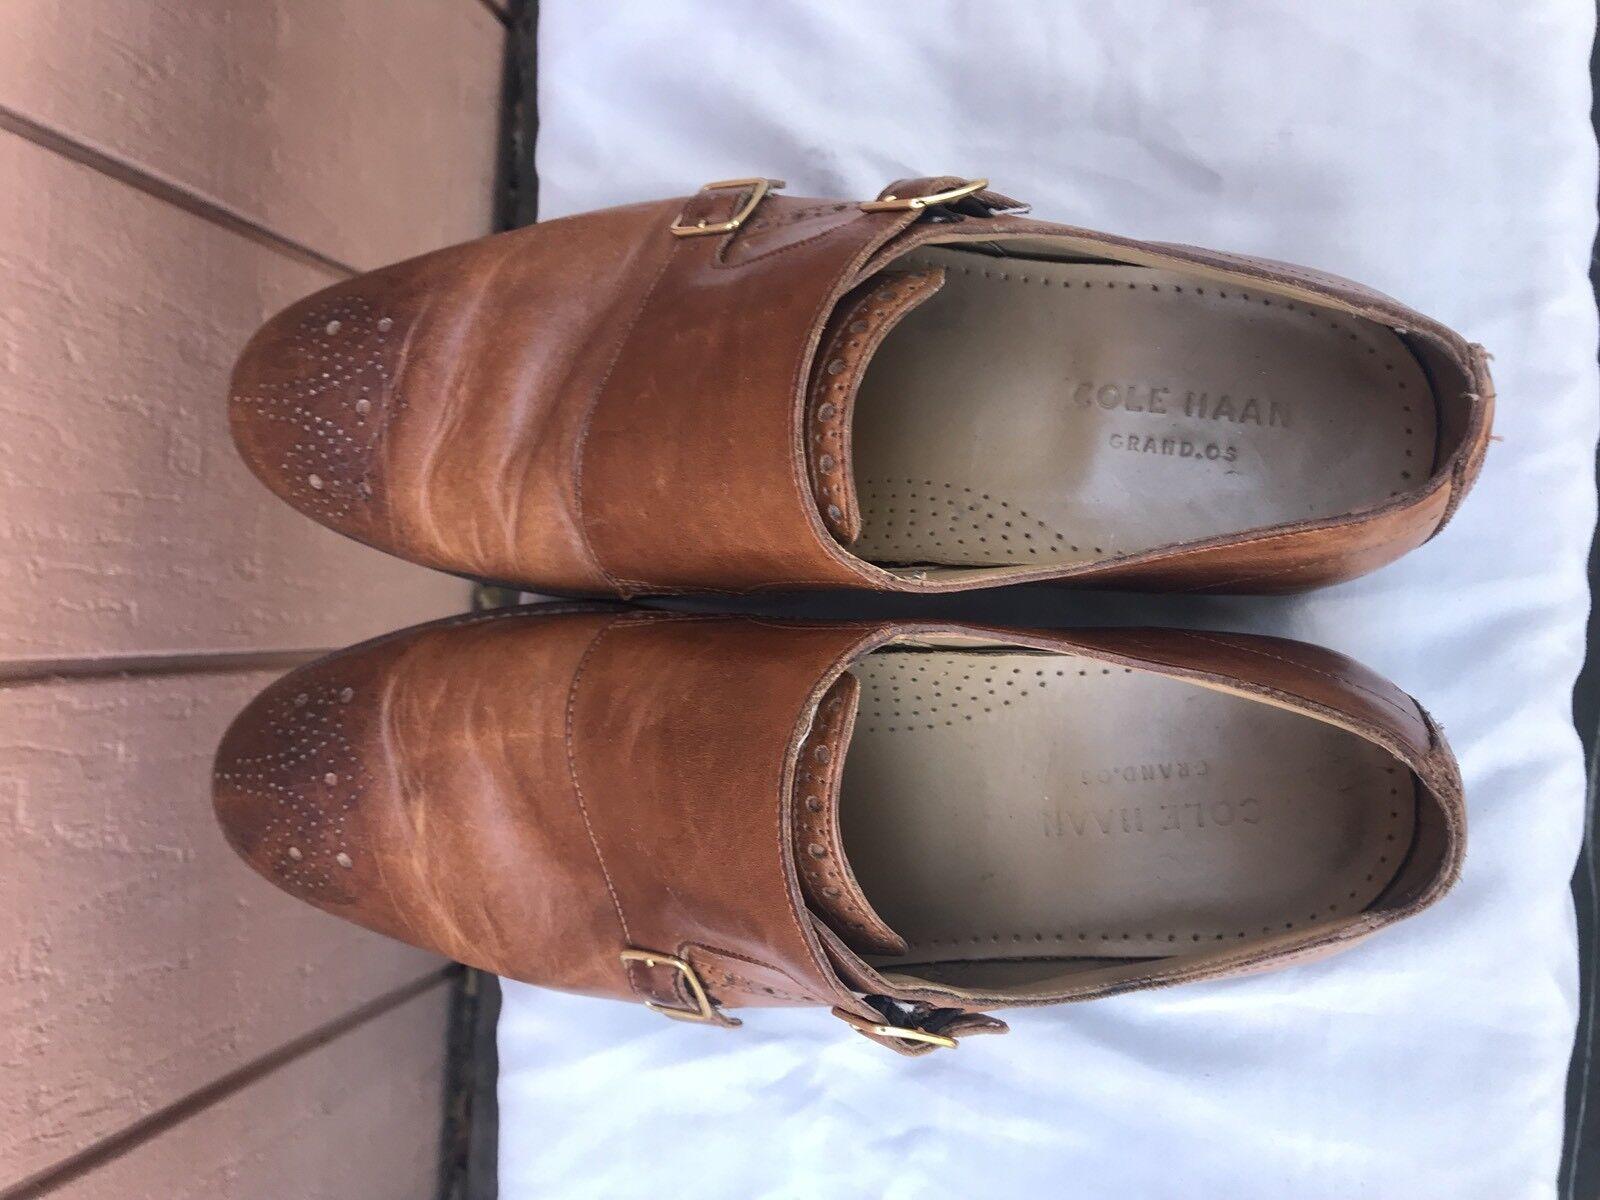 Cole Haan Cambridge Double Monk uomo Brown Leather Oaxford Loafer Shoes US 10M A1 Scarpe classiche da uomo